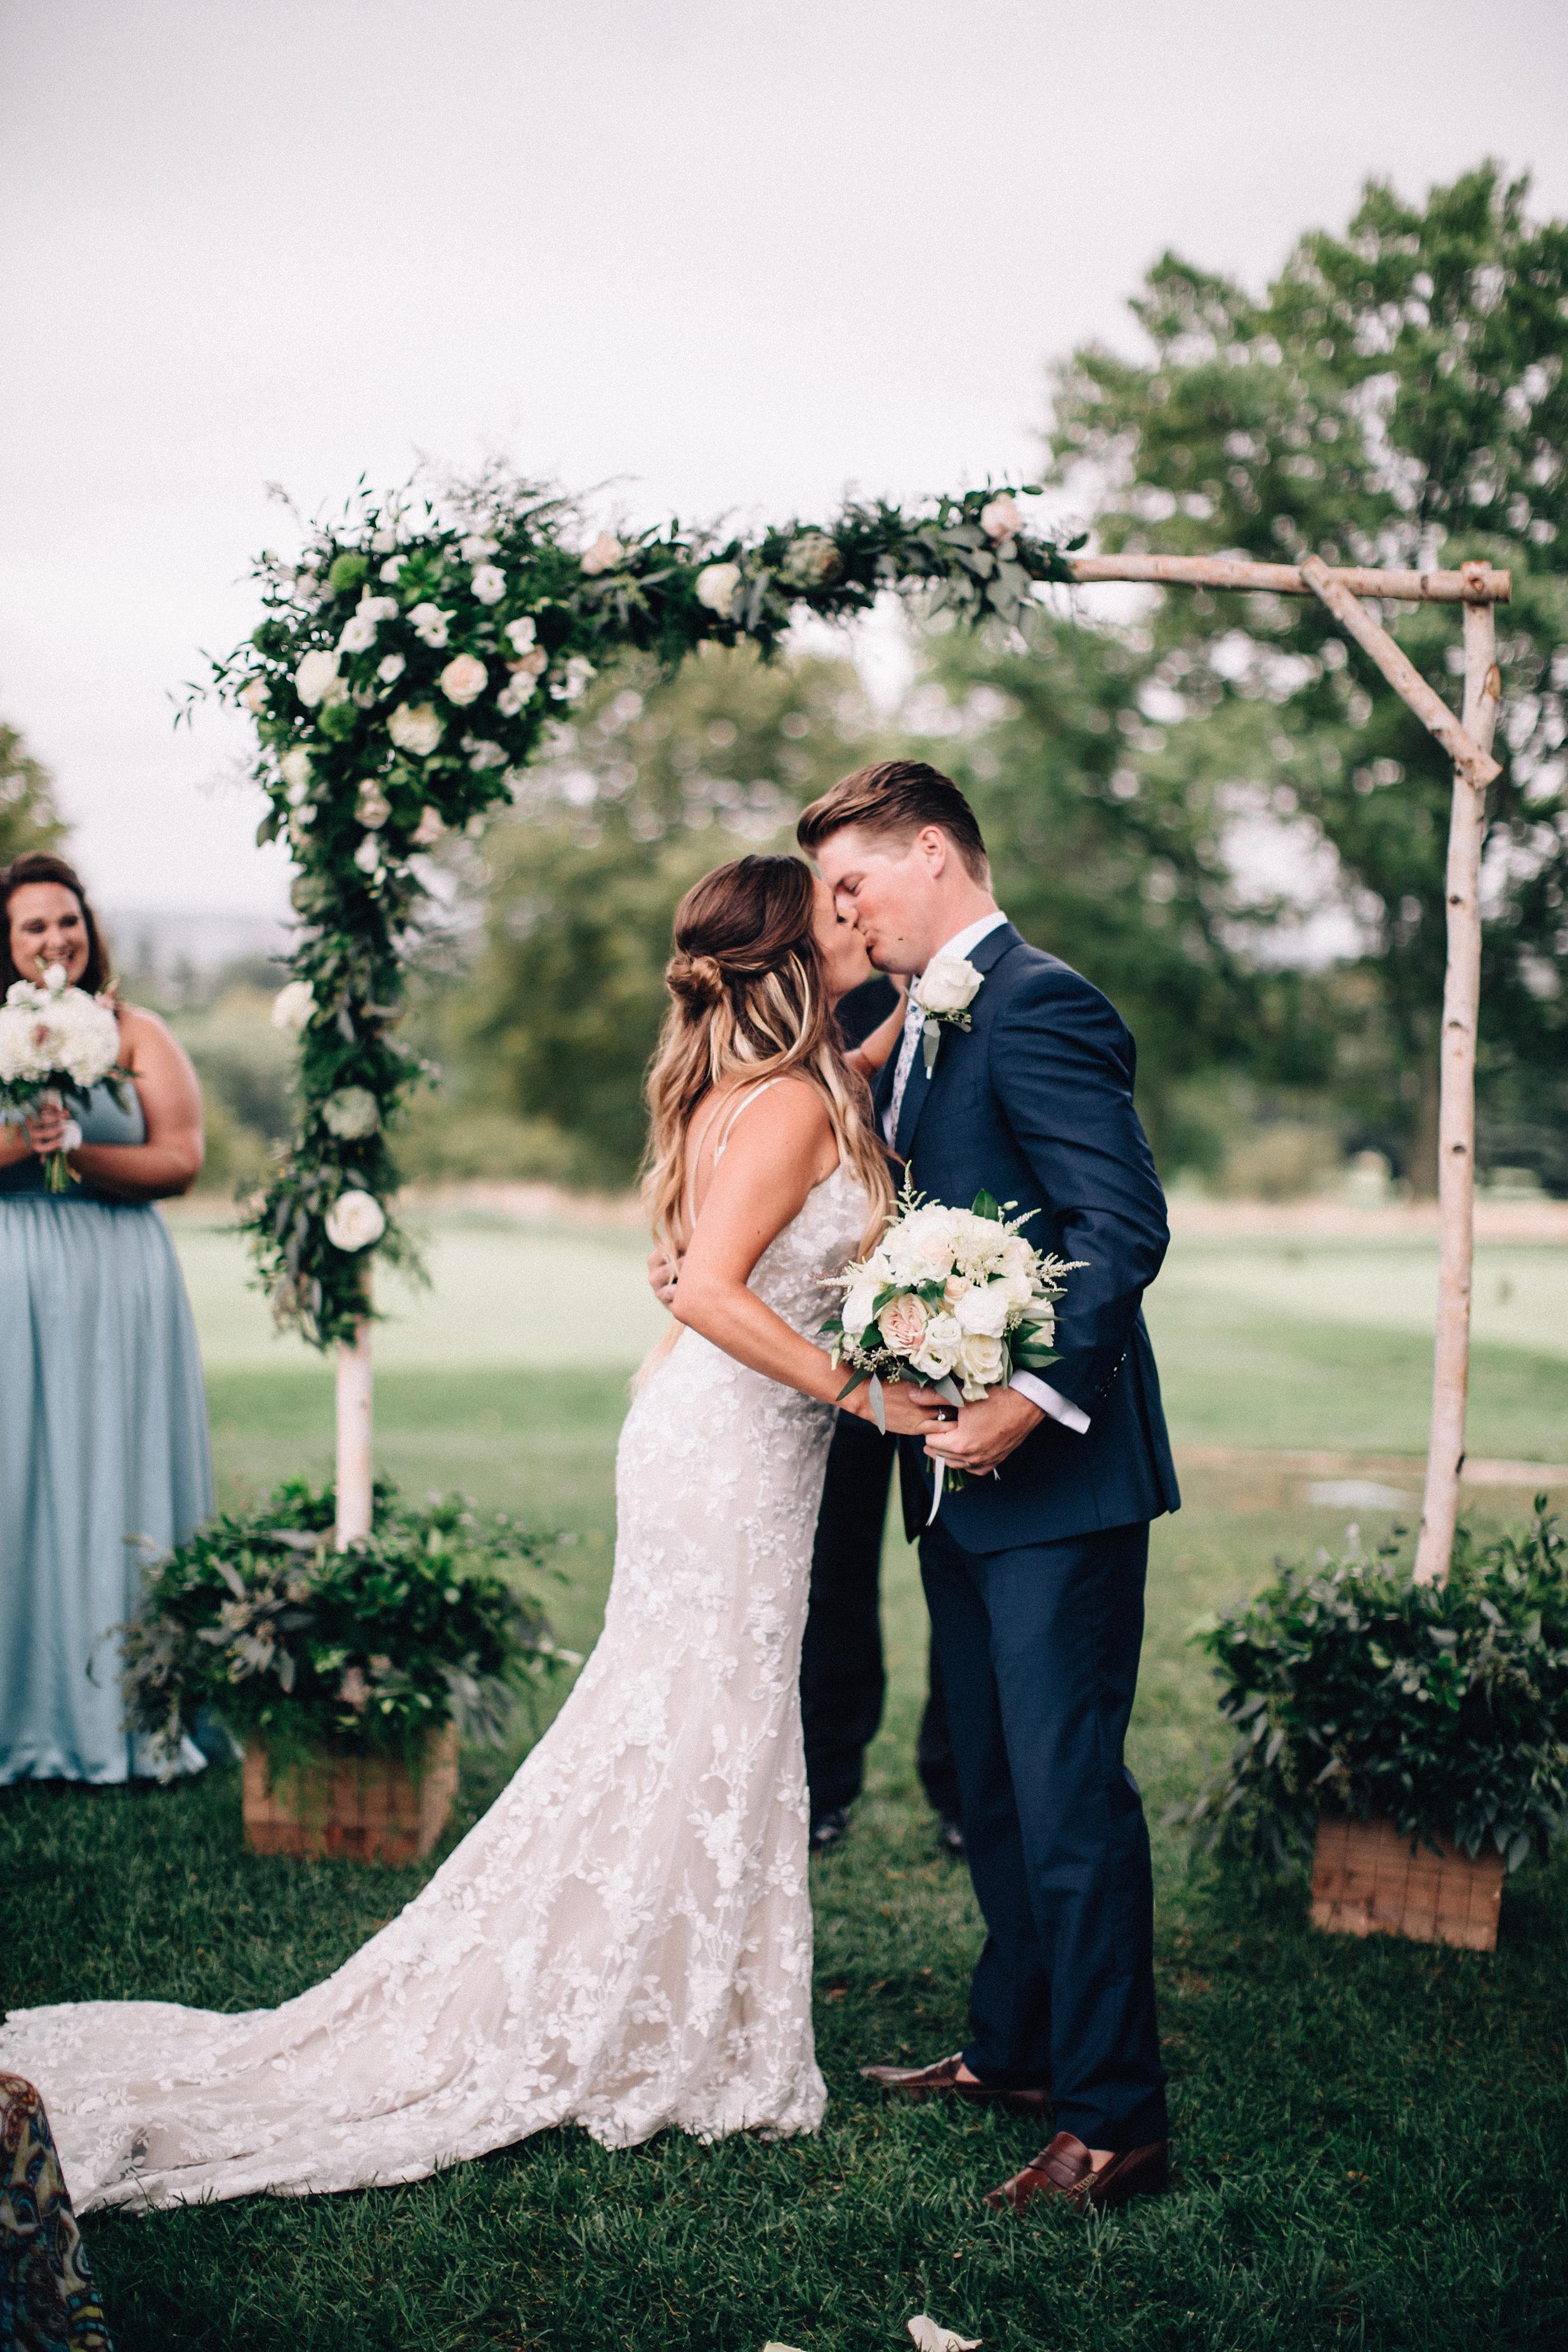 jersey-outdoor-ceremony-wedding-navasink-monmouth-rumson_0050.jpg